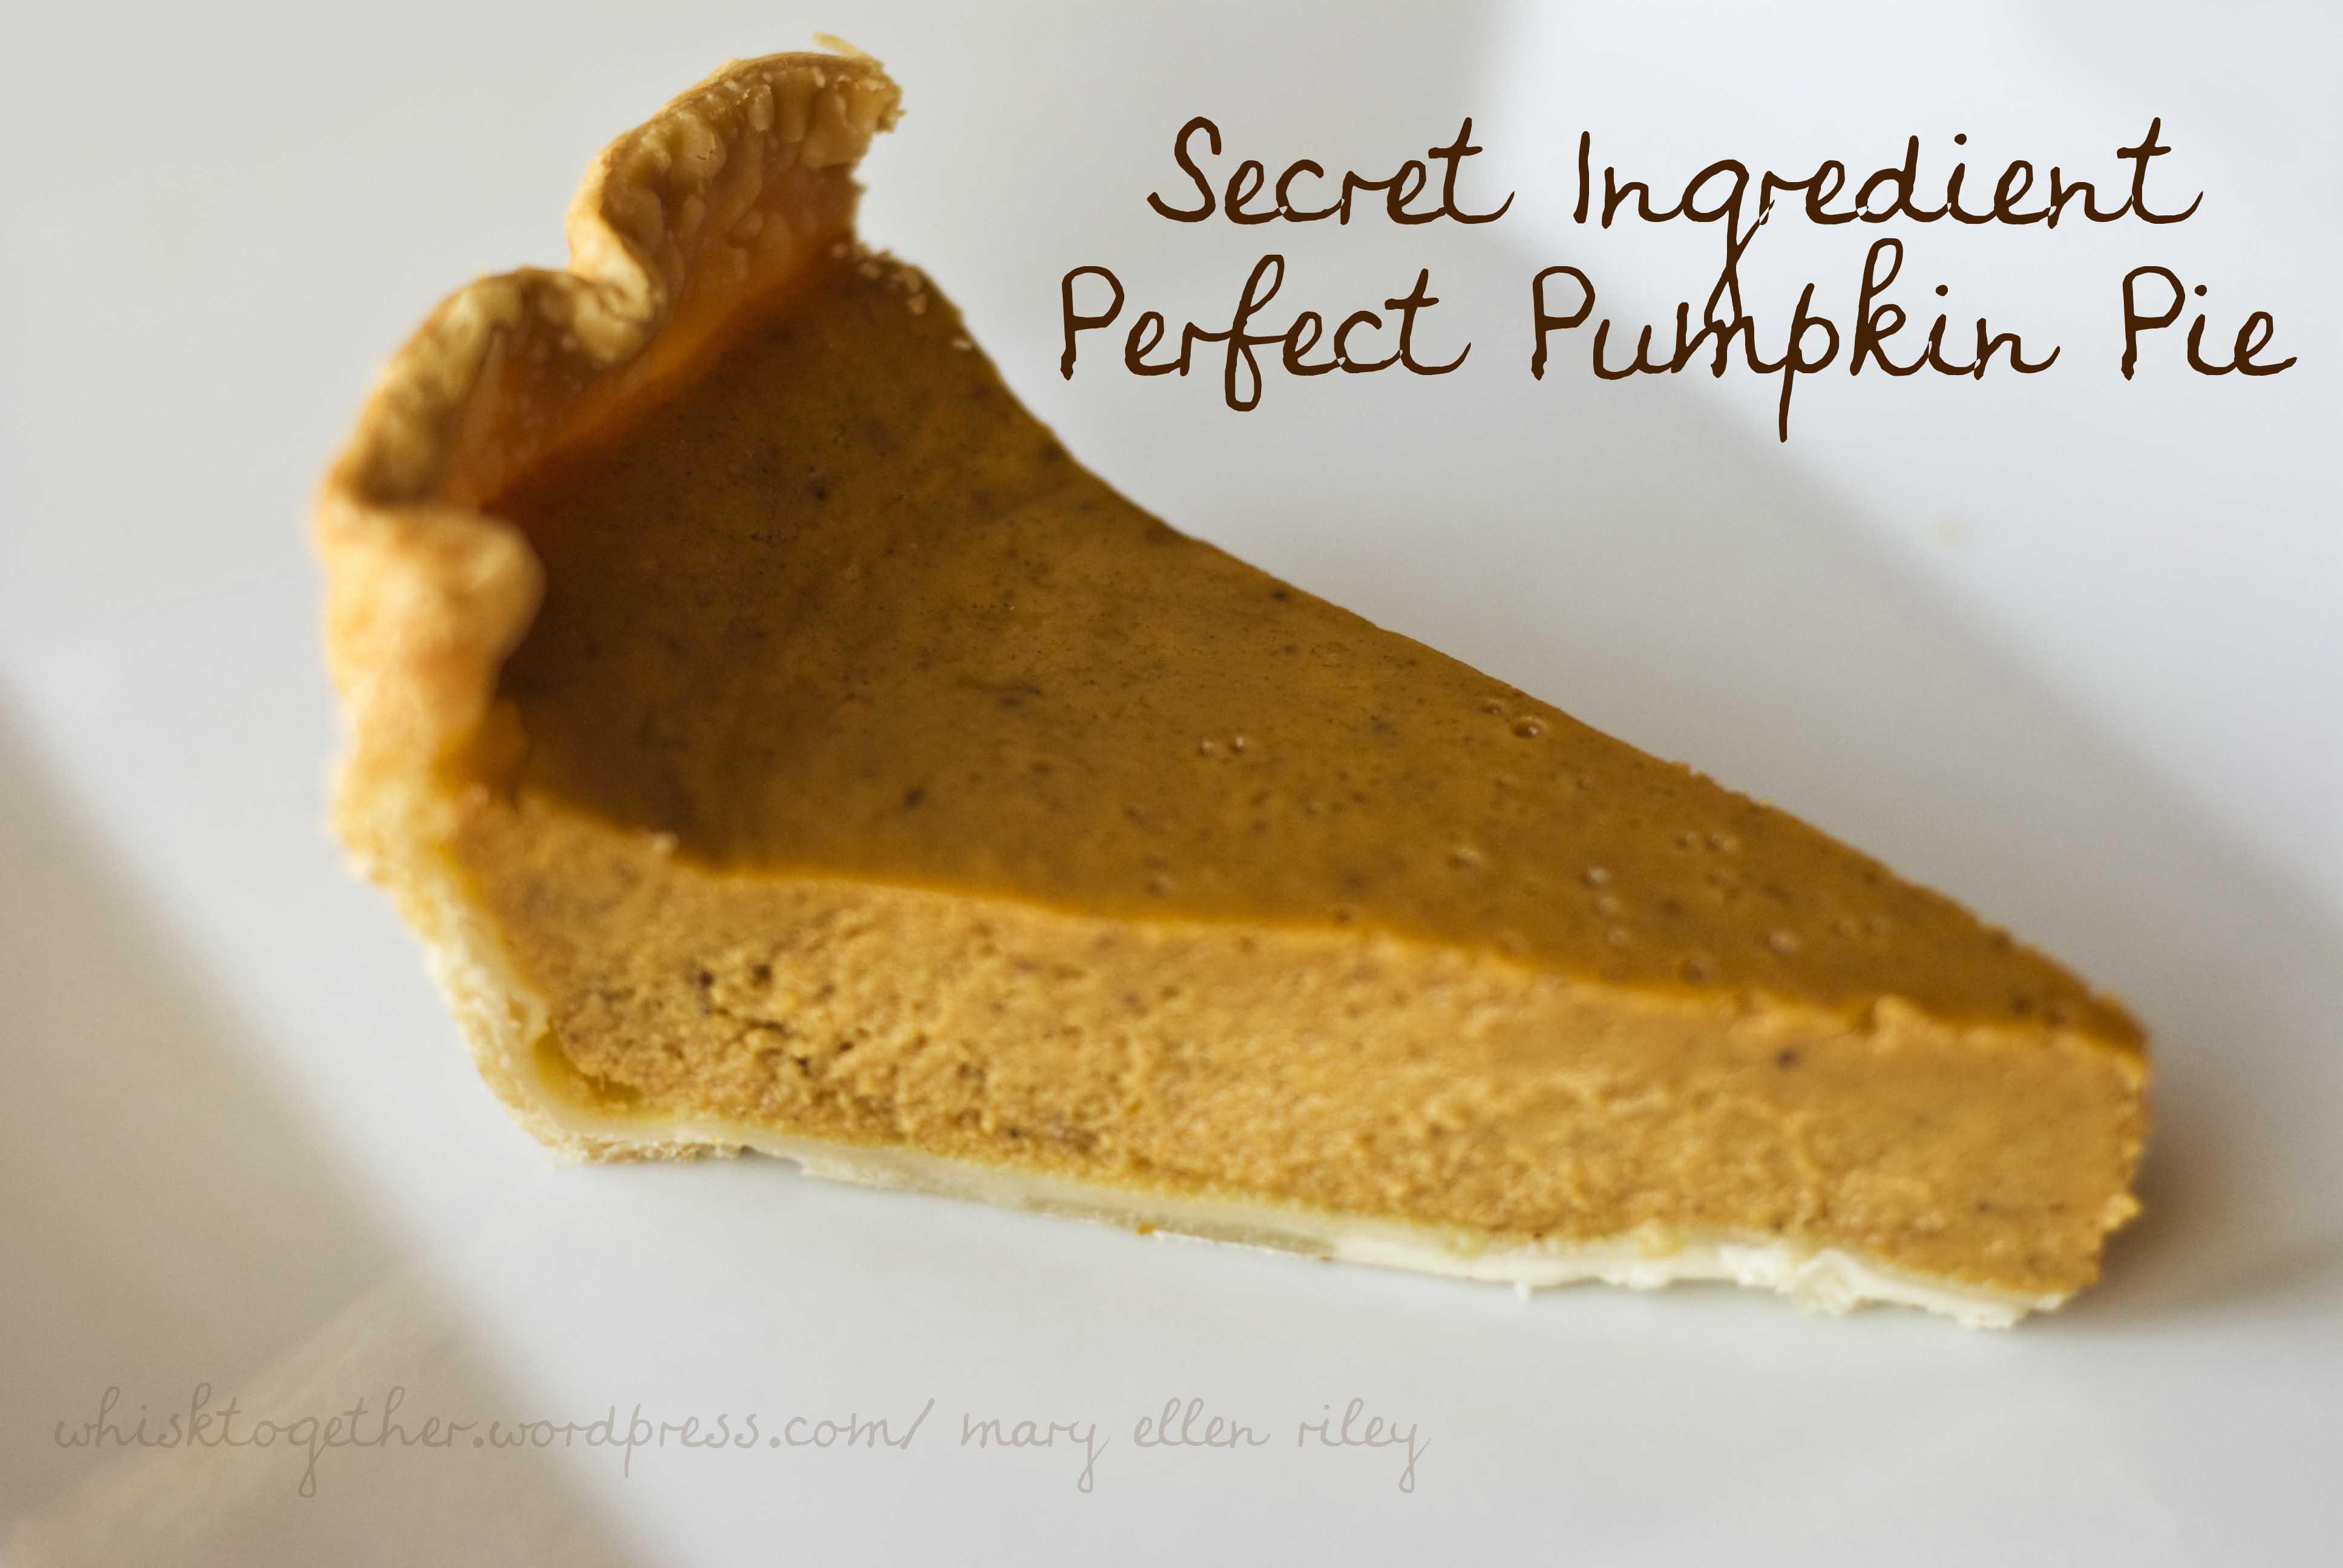 Pumpkin Pie with a Secret Ingredient